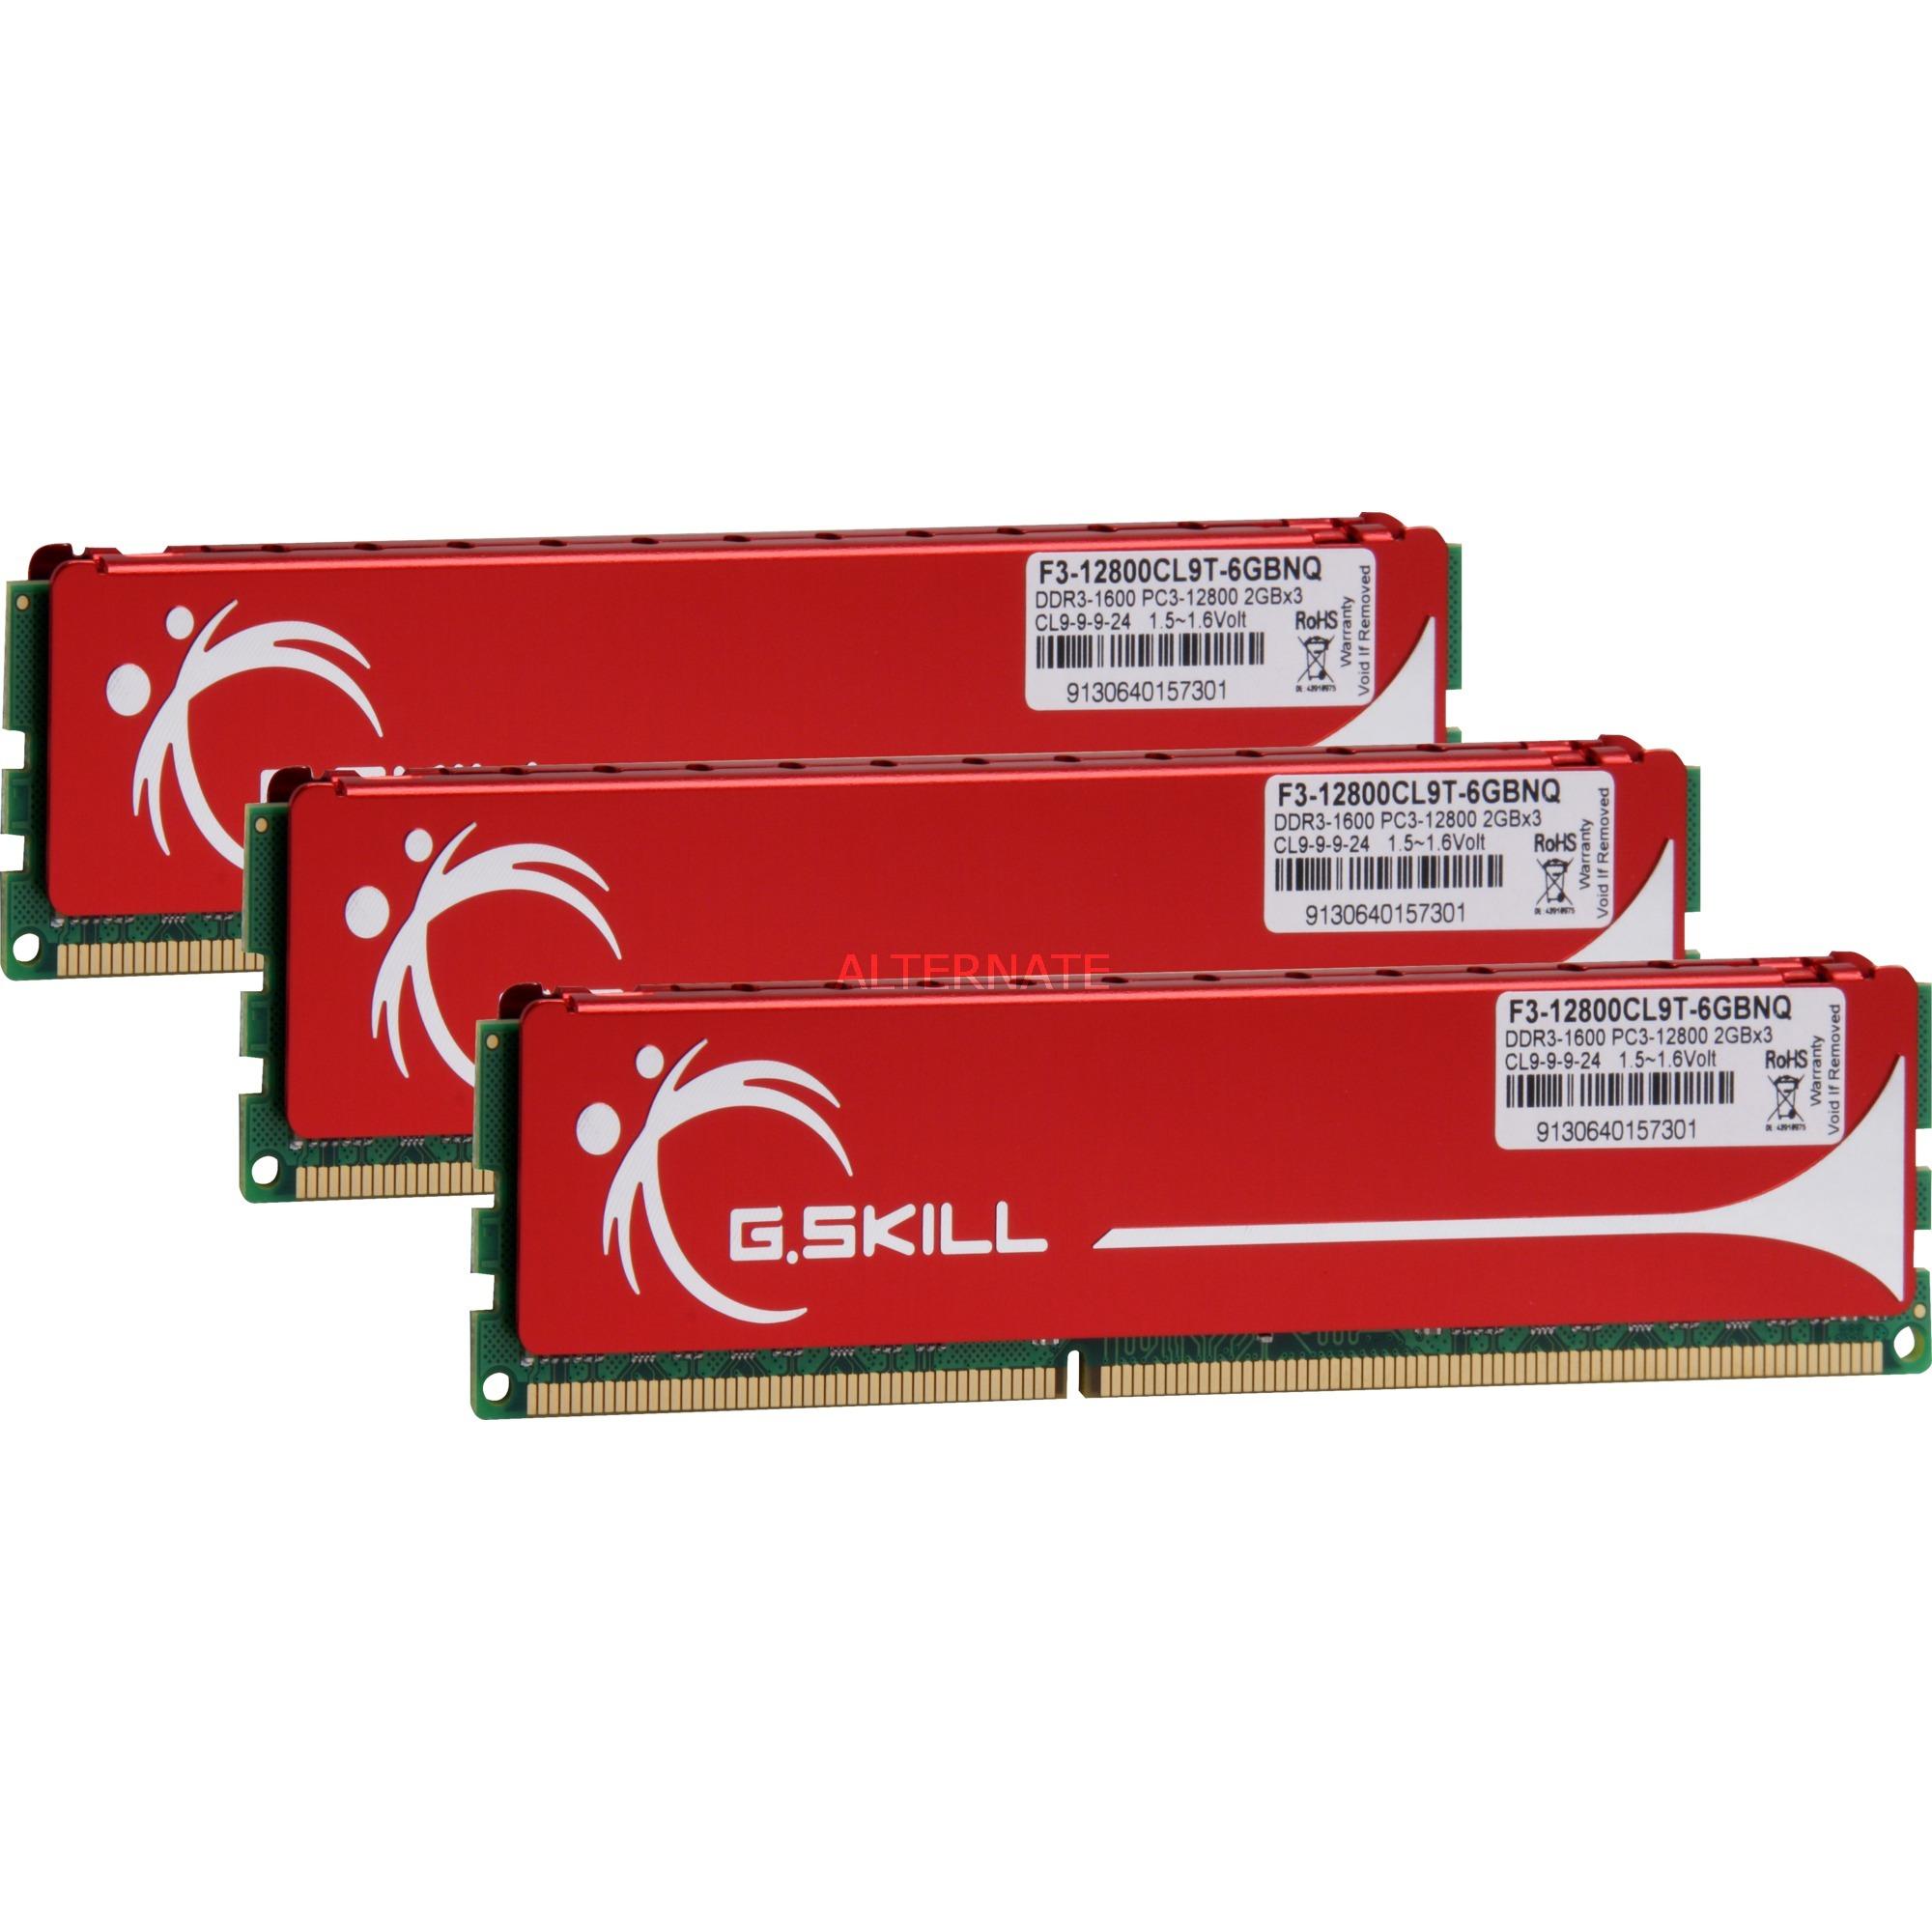 NQ DDR3 PC 12800 CL9 6GB kit 6Go DDR3 1600MHz ECC module de mémoire